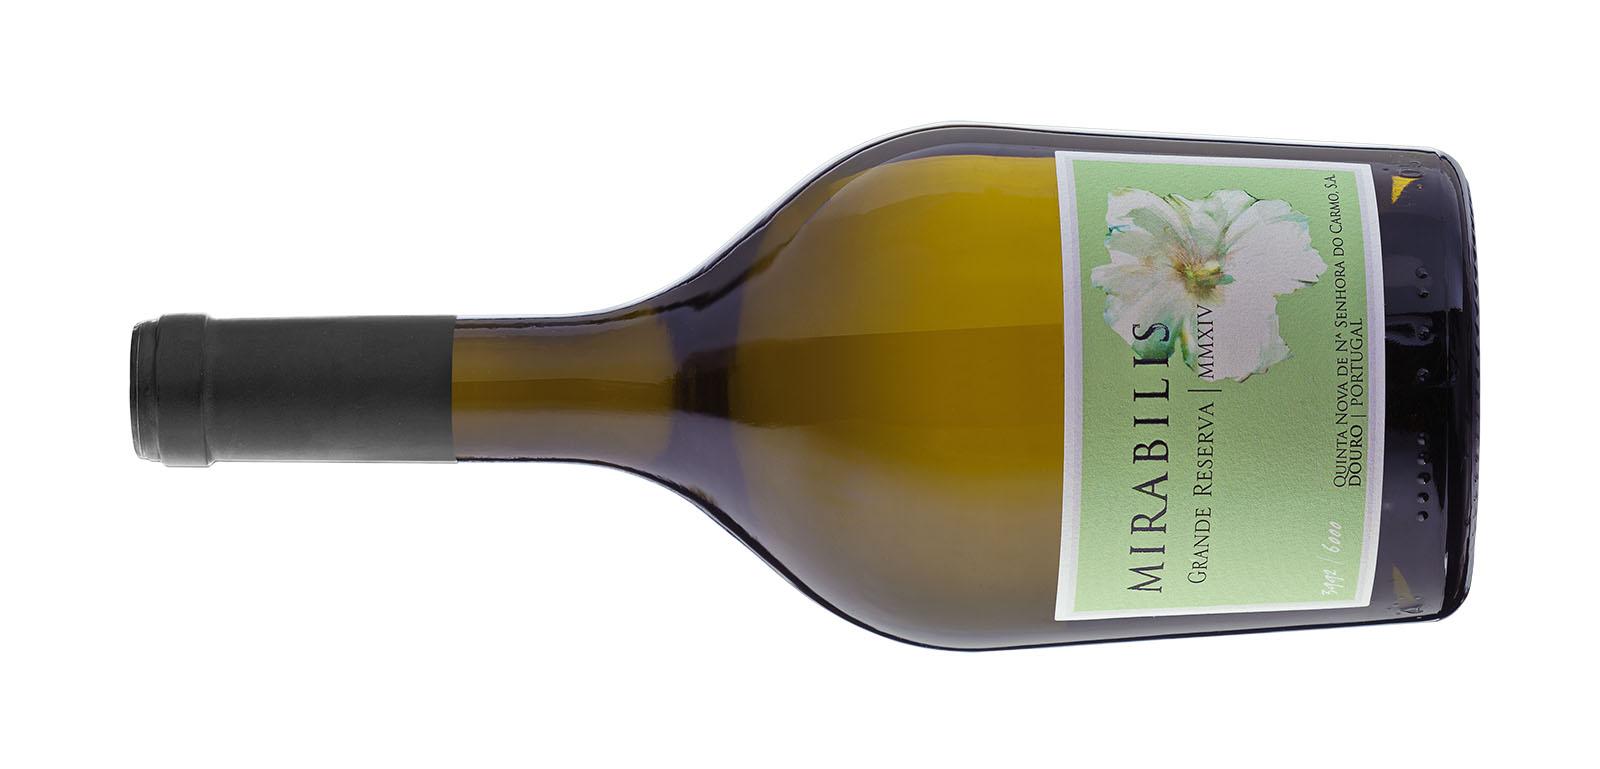 Três vinhos da Quinta Nova elogiados por Robert Parker